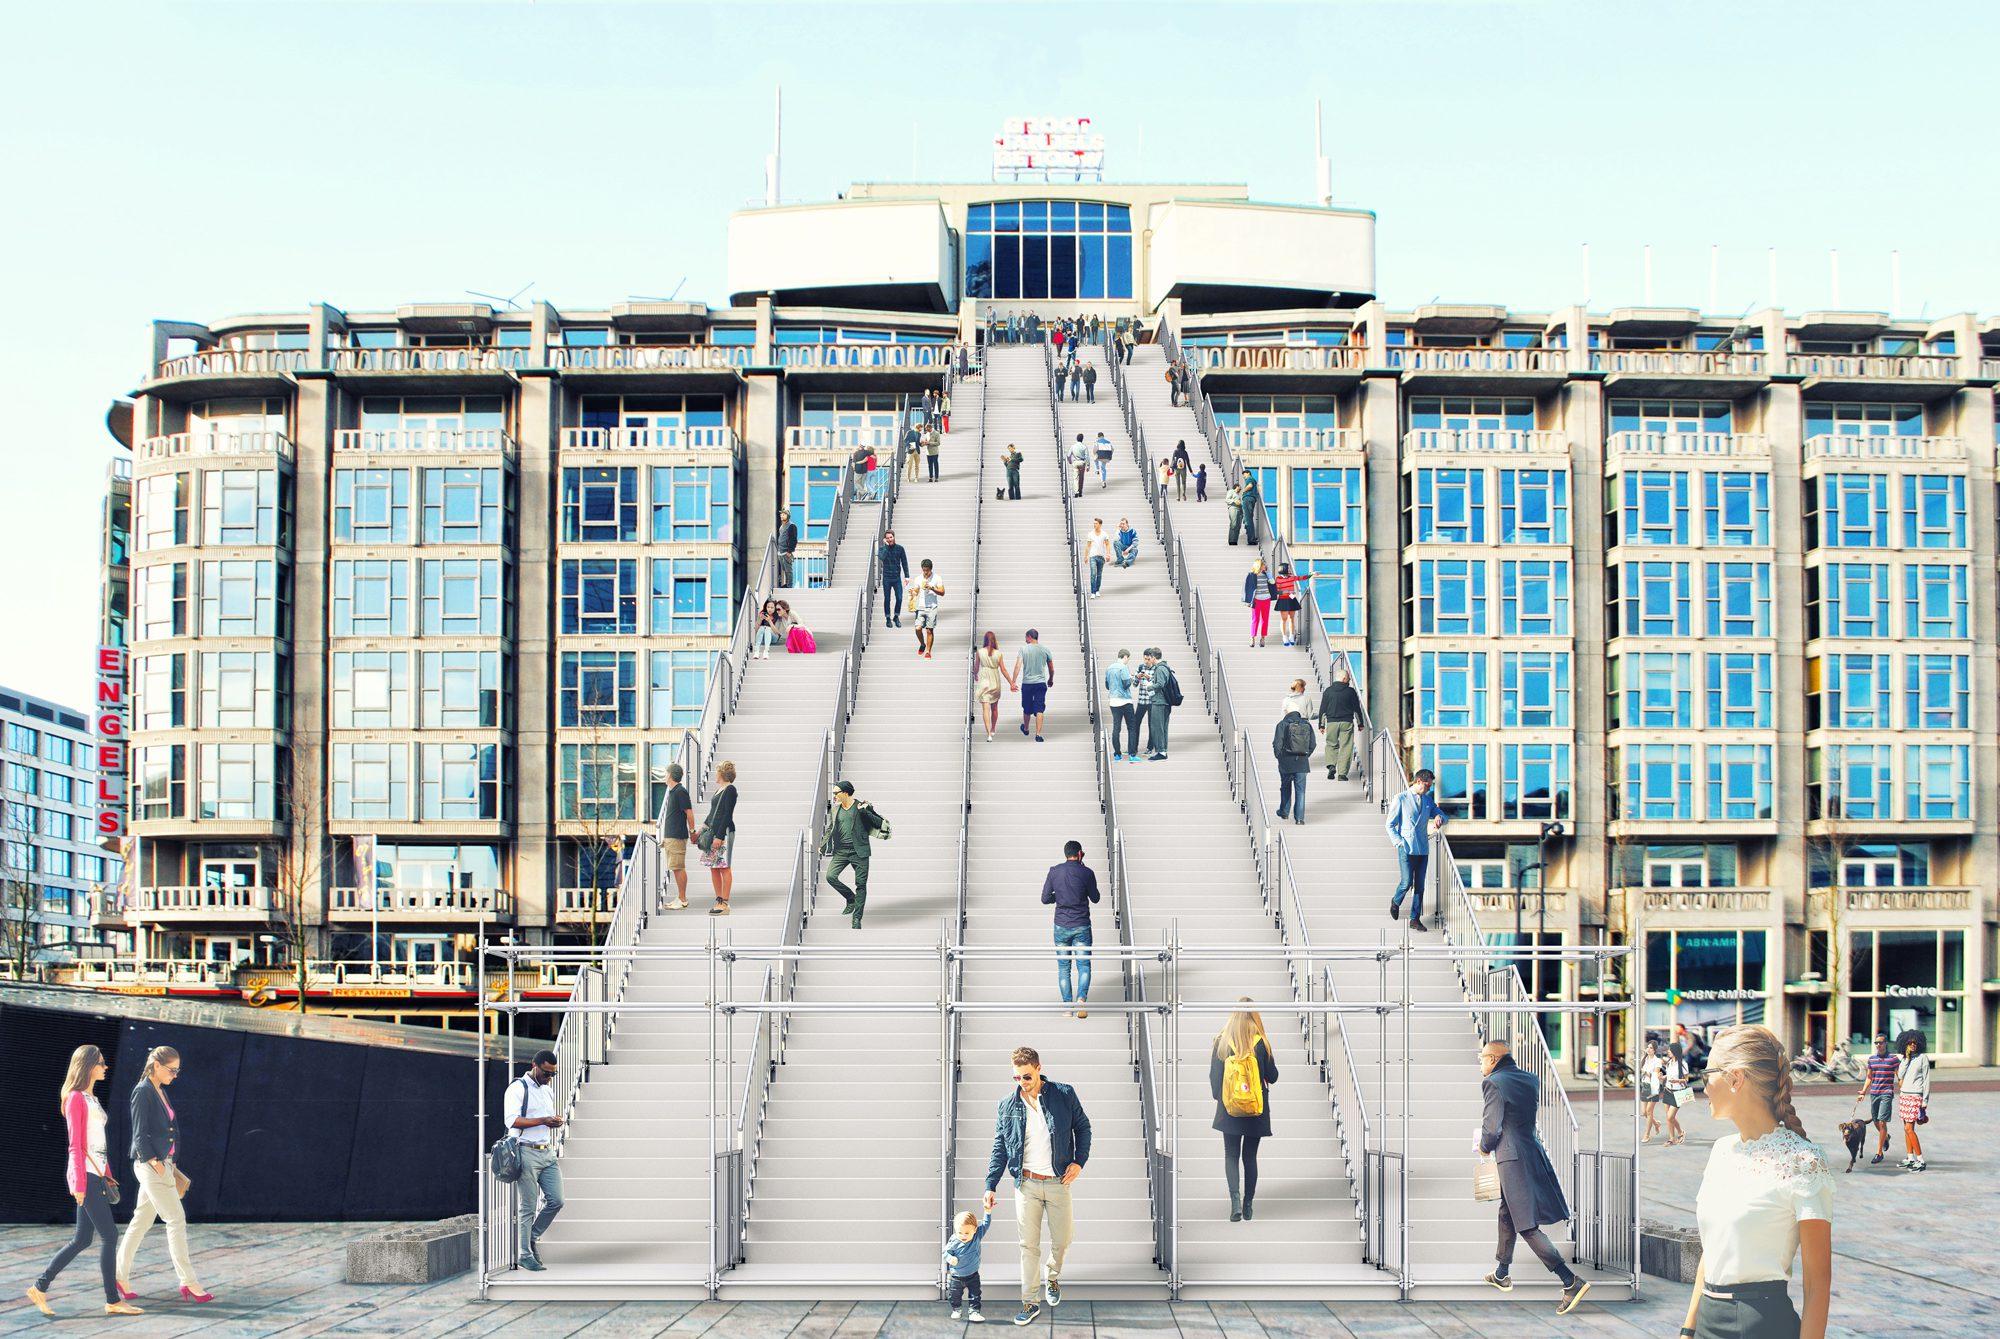 Gigantische trap naar dak groothandelsgebouw » bouwwereld.nl